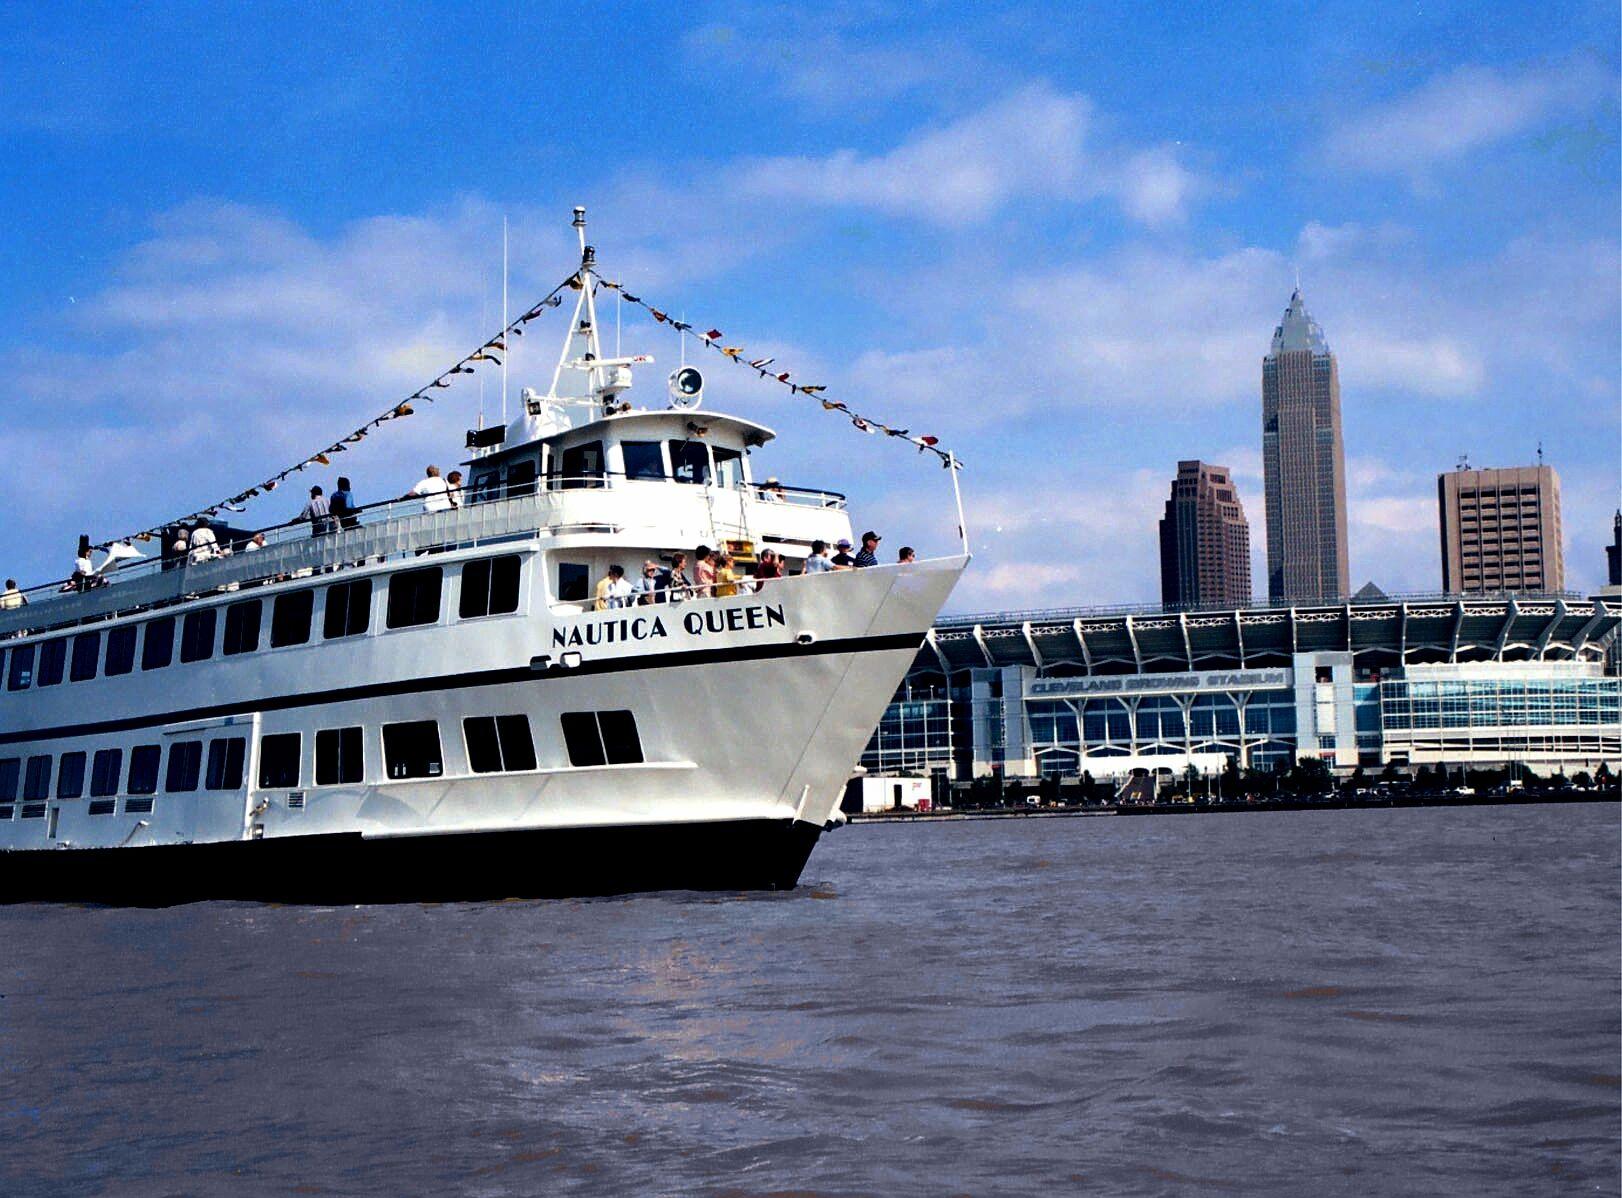 the nautica queen cruise ship